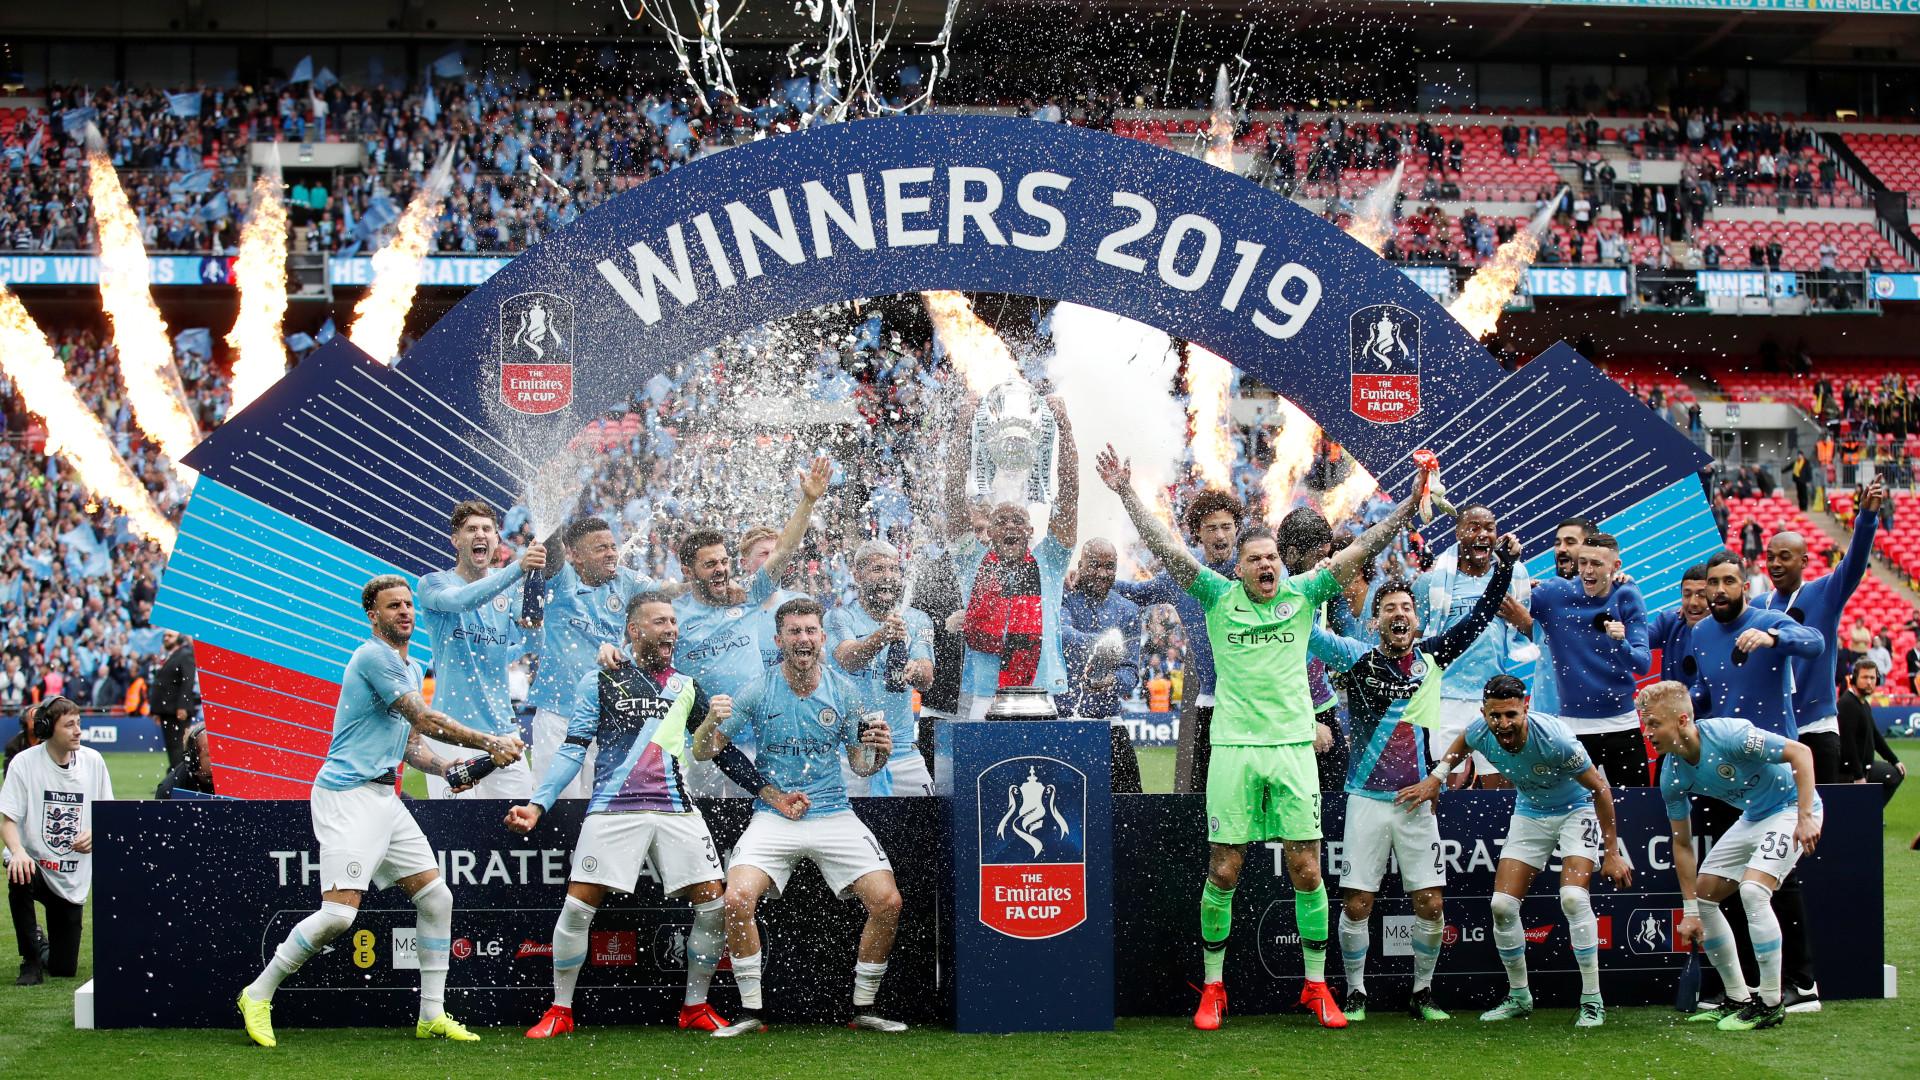 City é campeão da Copa da Inglaterra e conquista 'tríplice coroa'